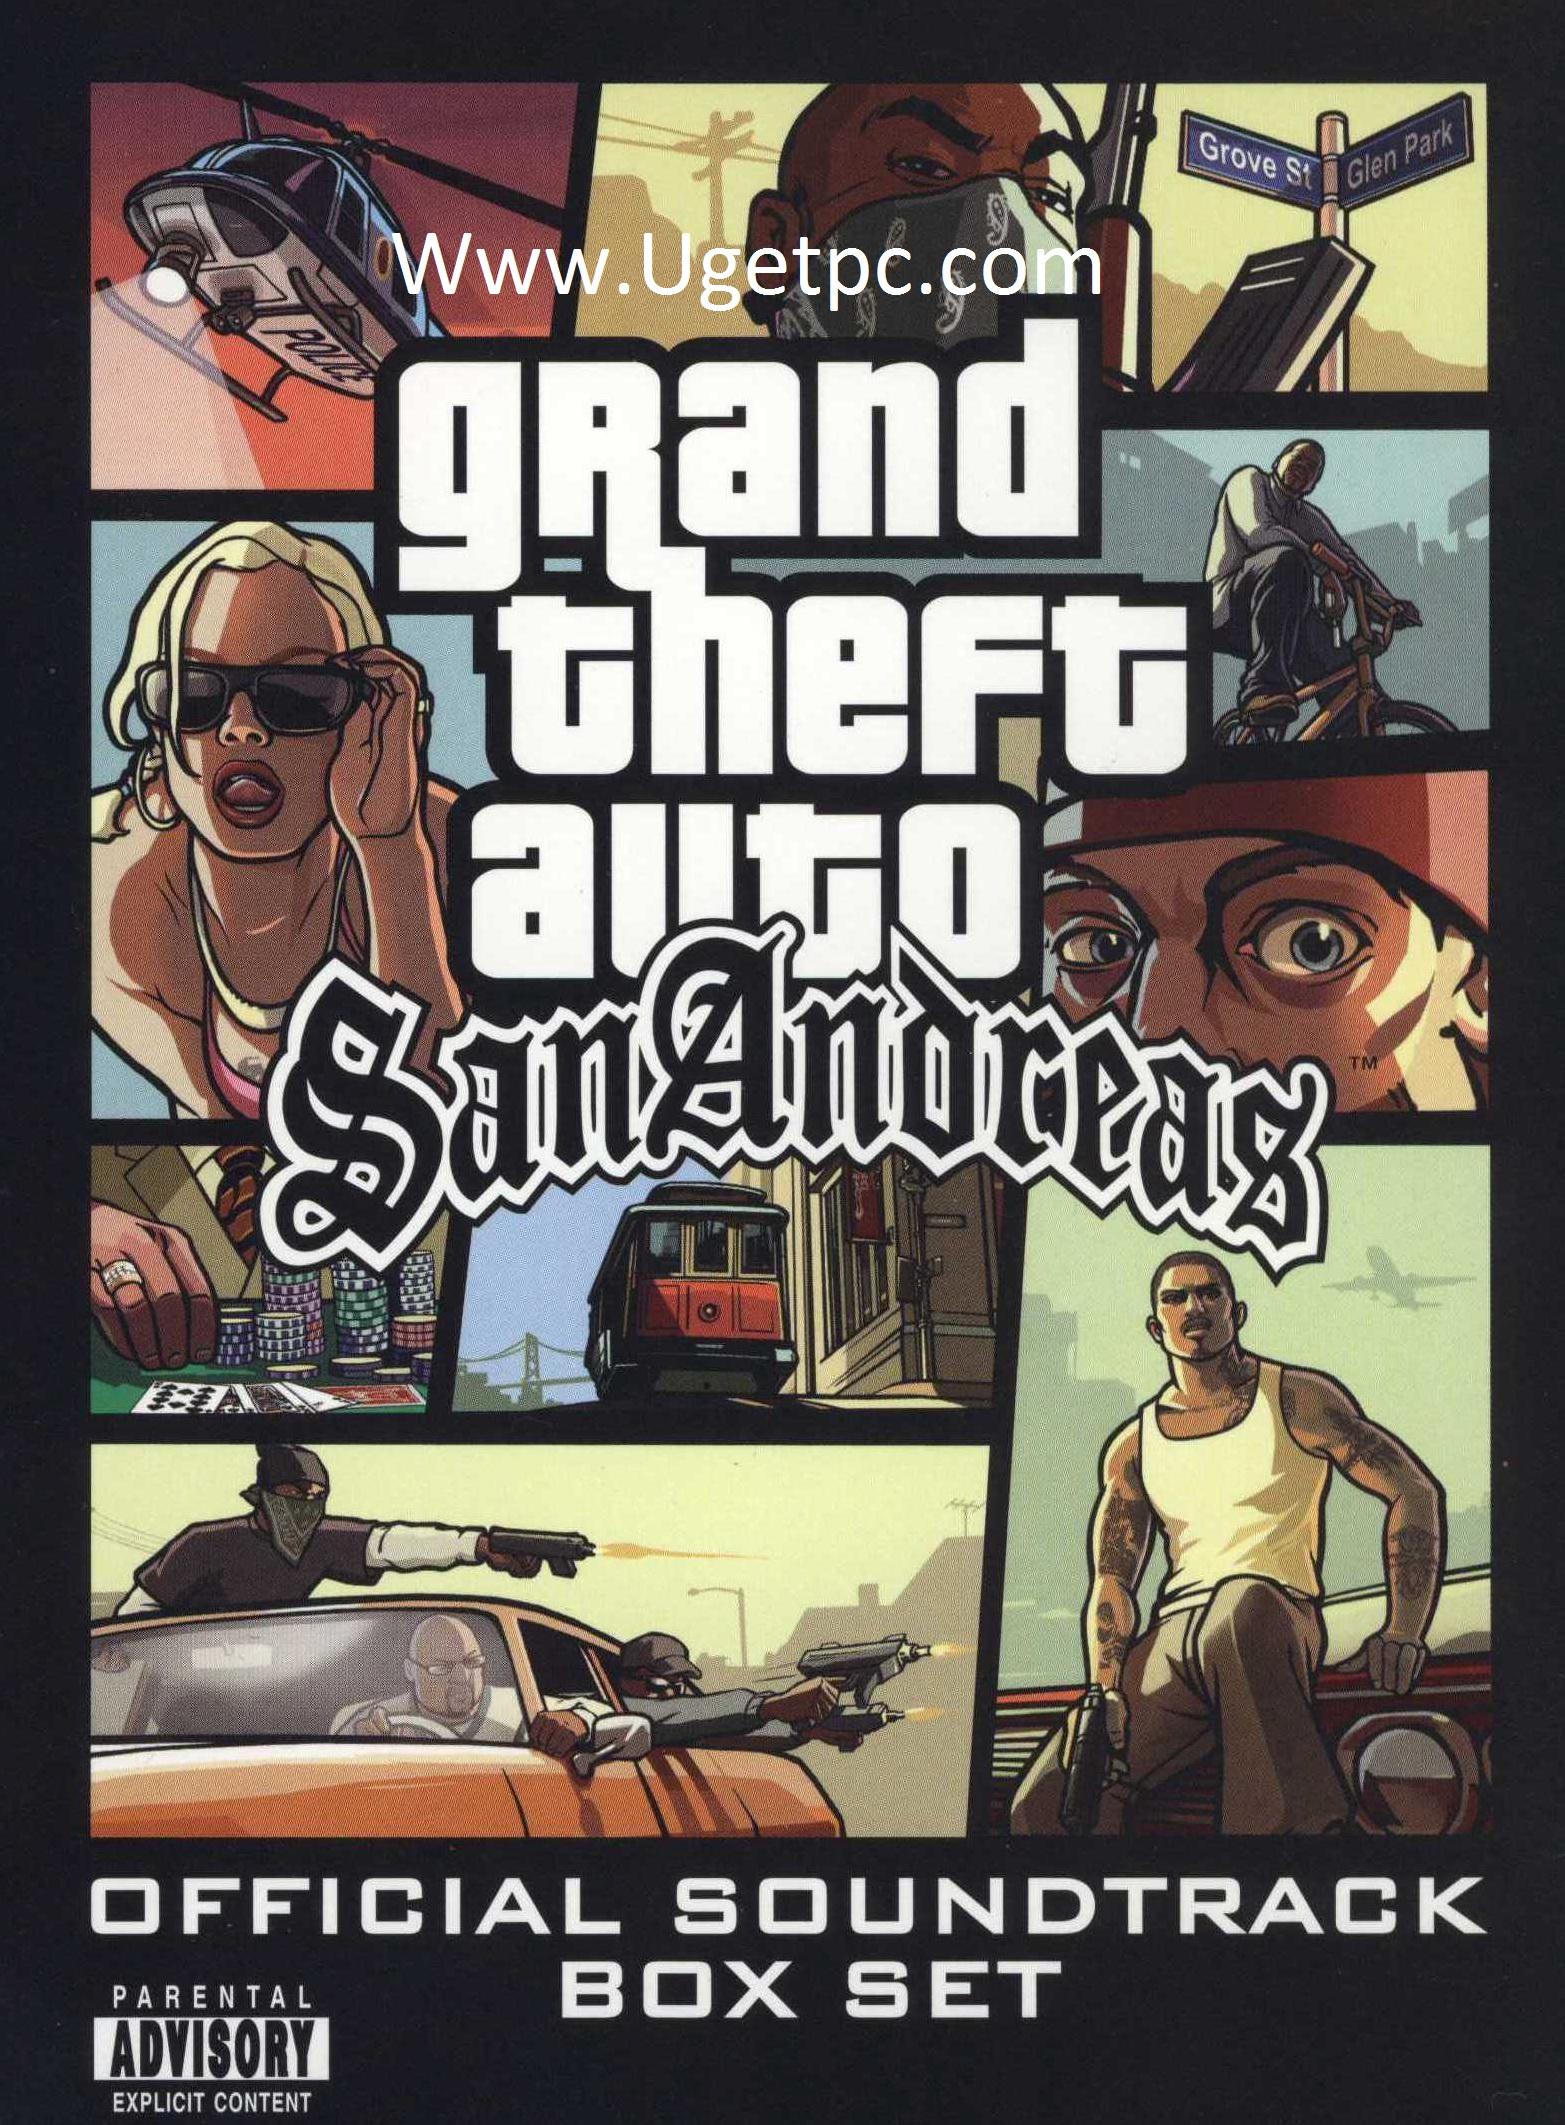 Gta San Andreas game-Cracksoftpc